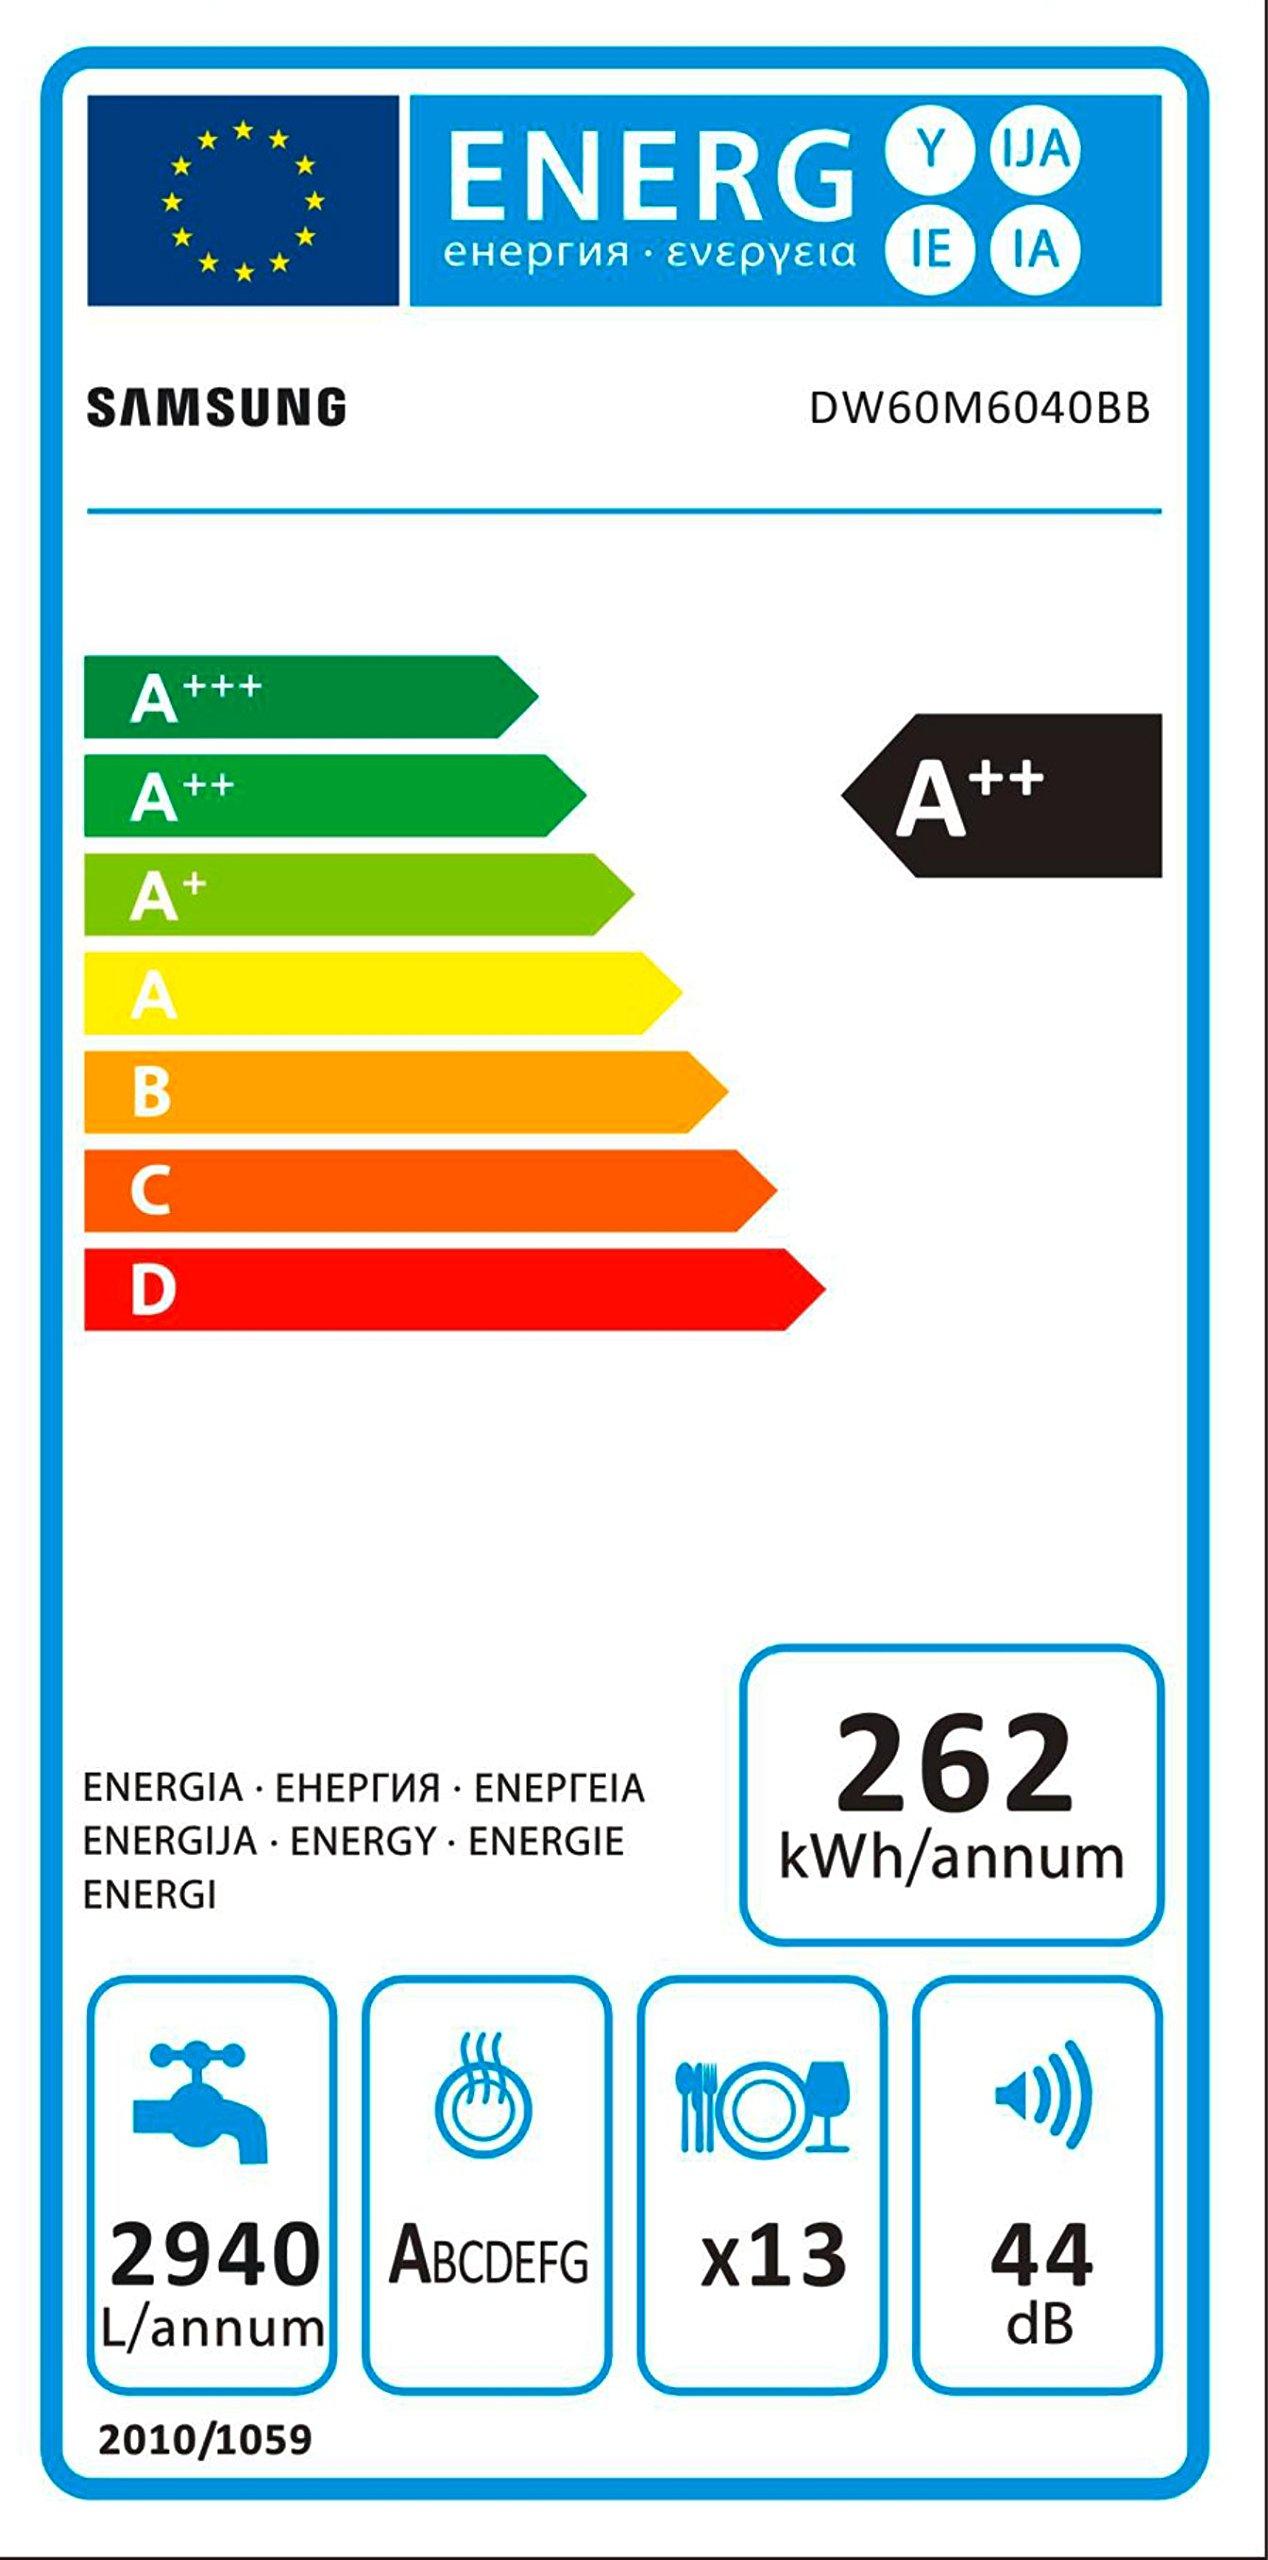 Samsung DW5500 DW60M6040BB/EG Geschirrspüler Vollintegriert/A++/262 kWh/Jahr/2940 L/jahr/Express 60 Minuten/Hygiene…